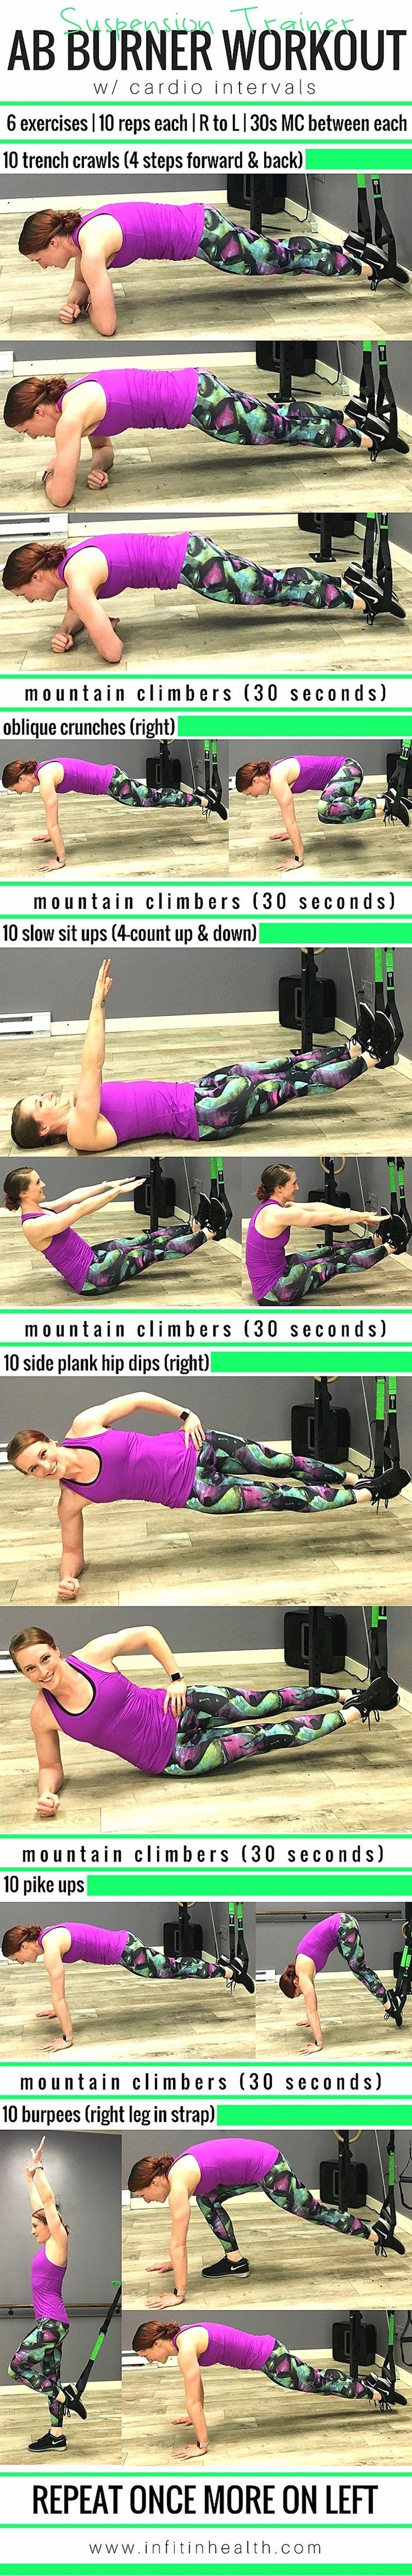 Suspension Trainer Ab Burner Workout w/ Cardio Intervals